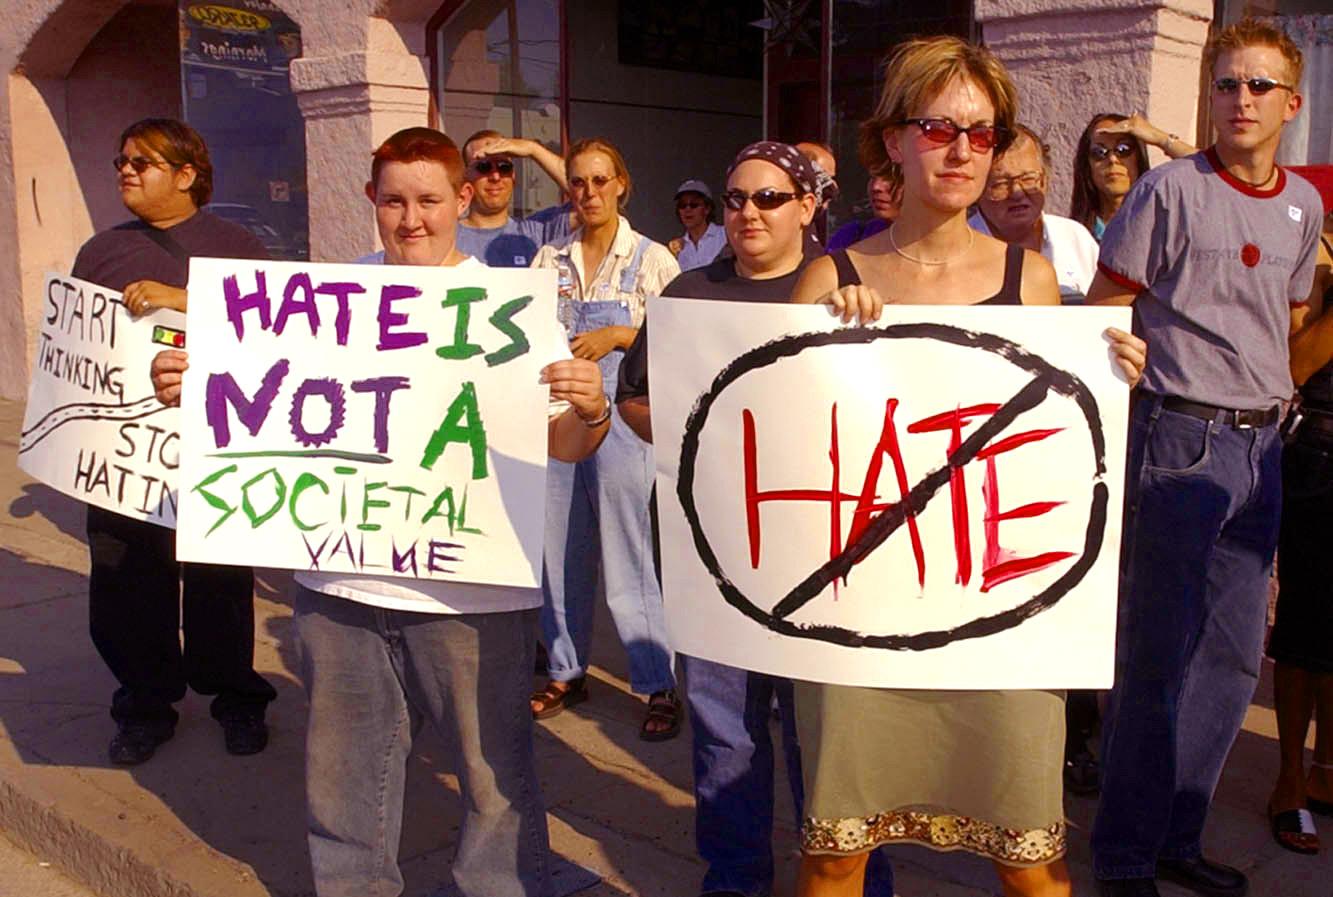 Protestors of Wingspan being vandalized, June 2002